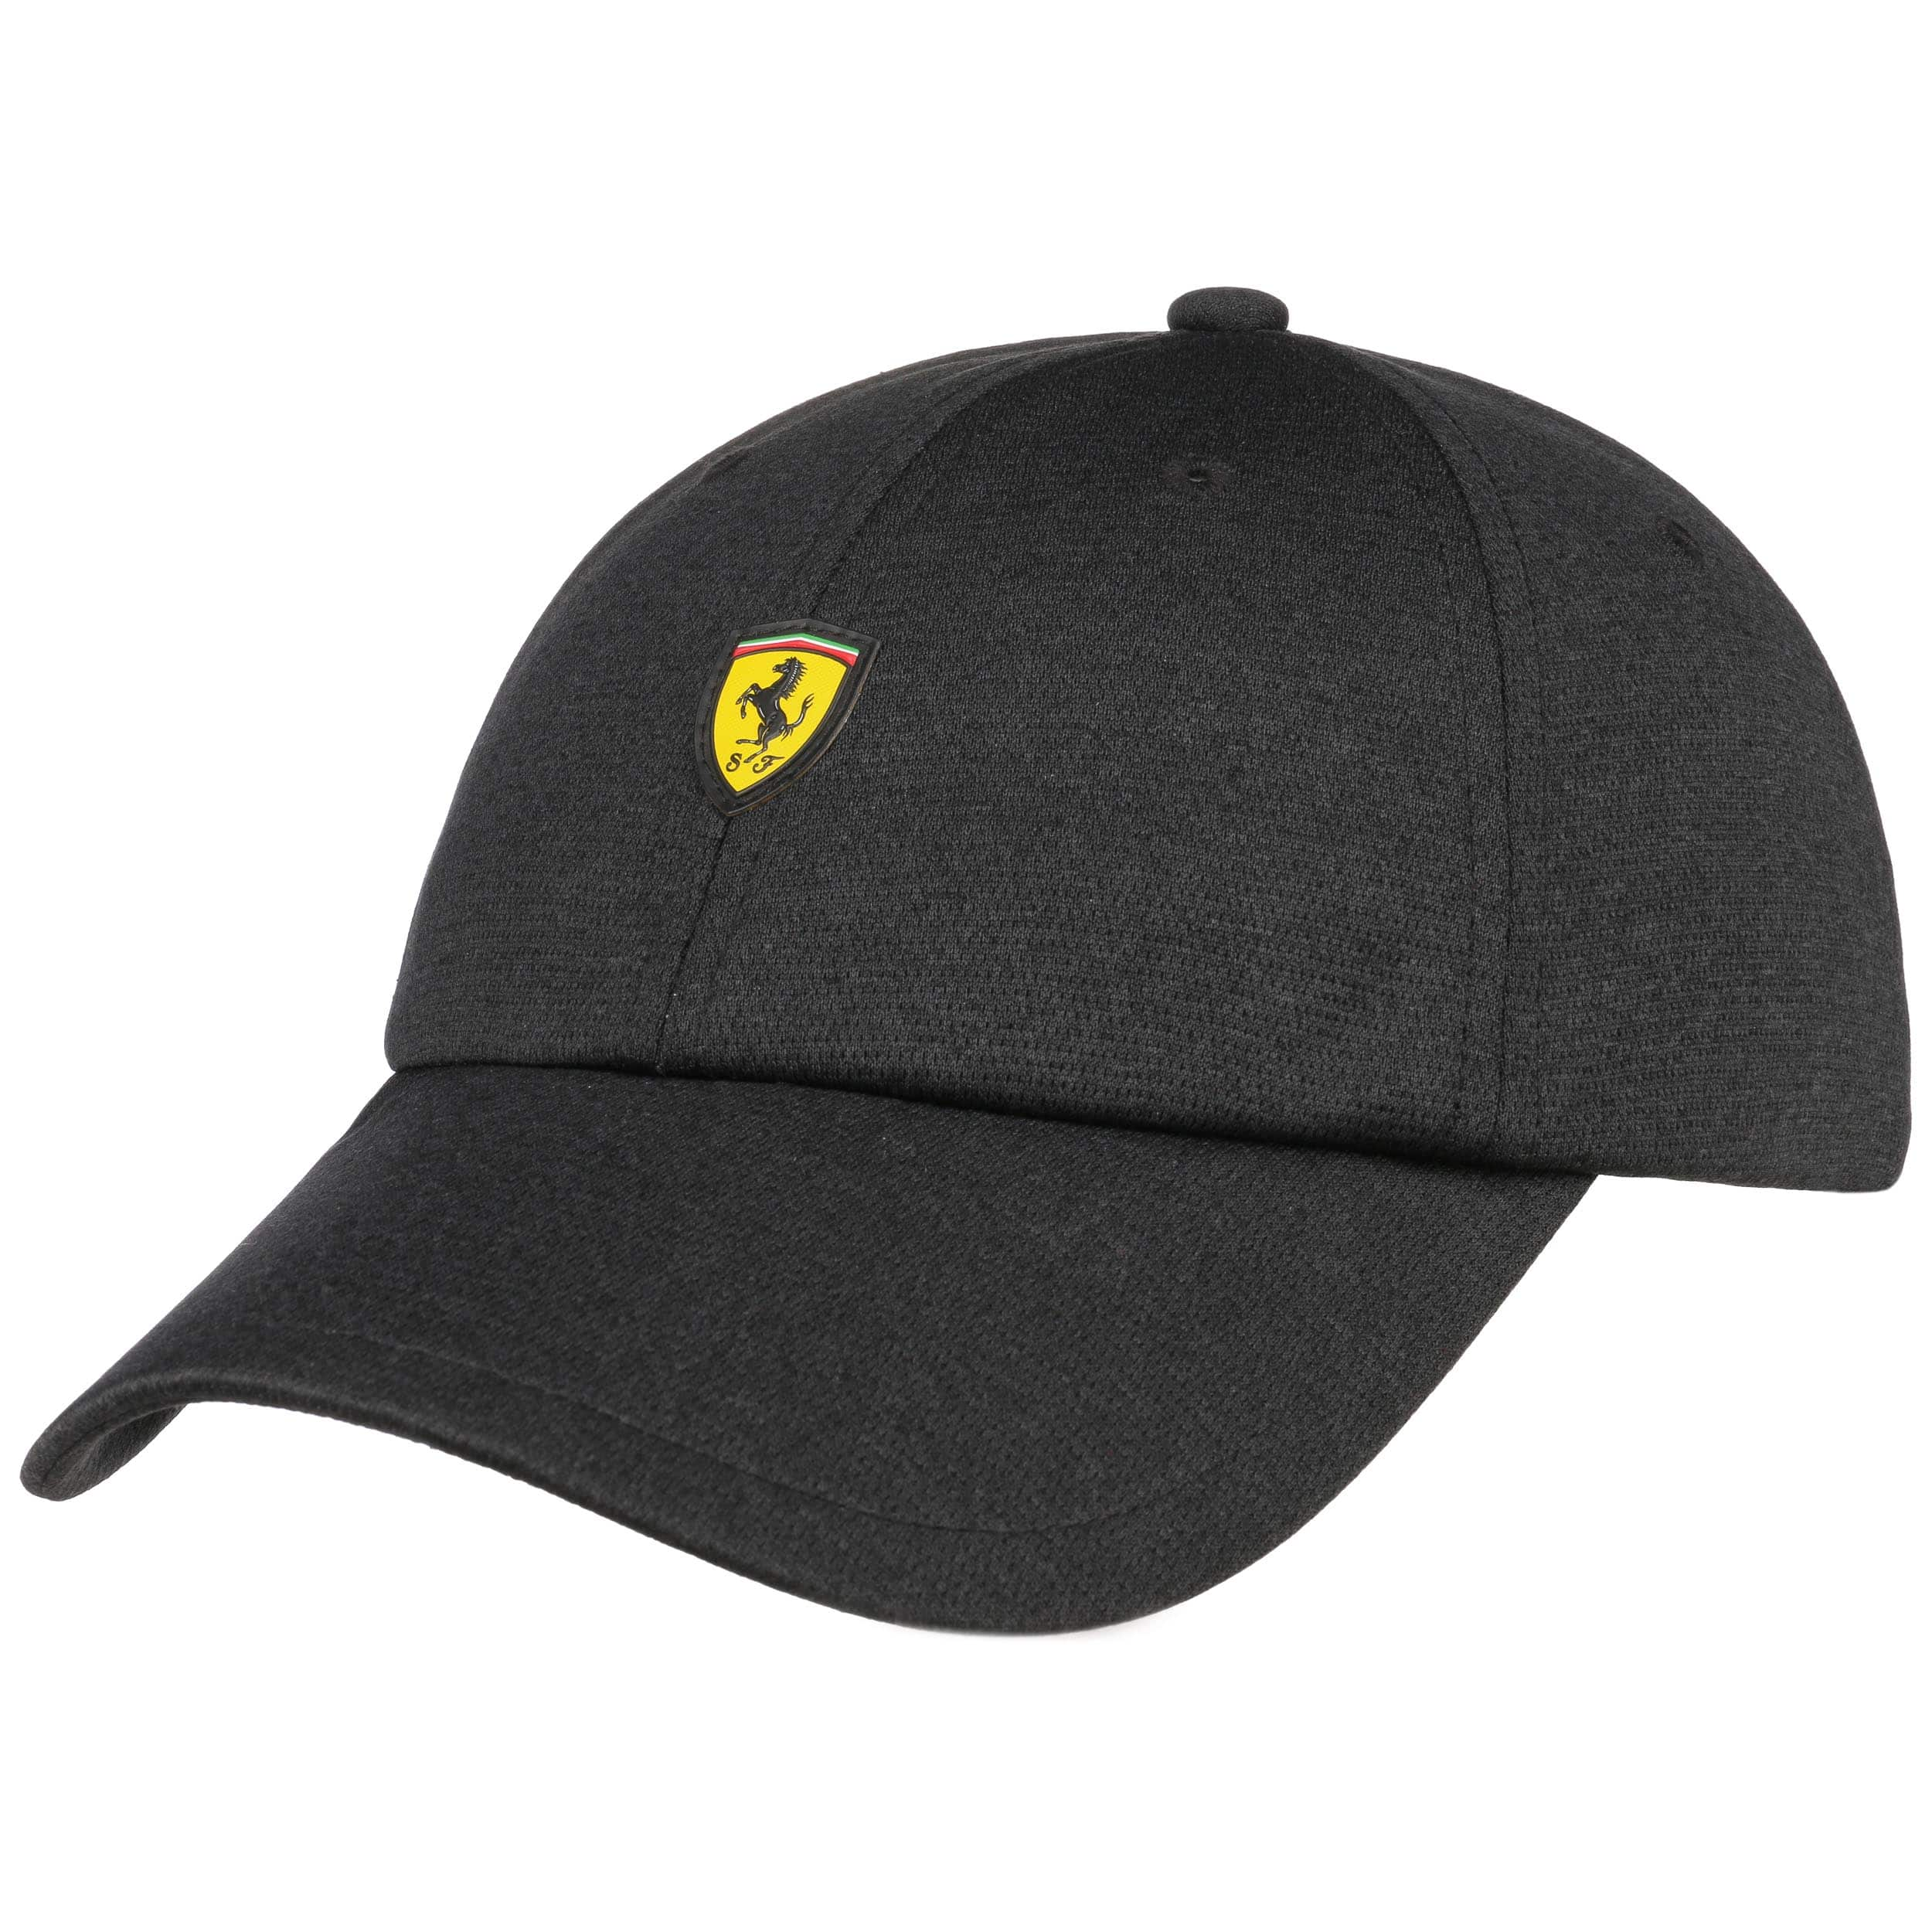 f14d54ba0c Casquette Scuderia Ferrari Fanwear by PUMA, EUR 34,95 --> Chapeaux ...